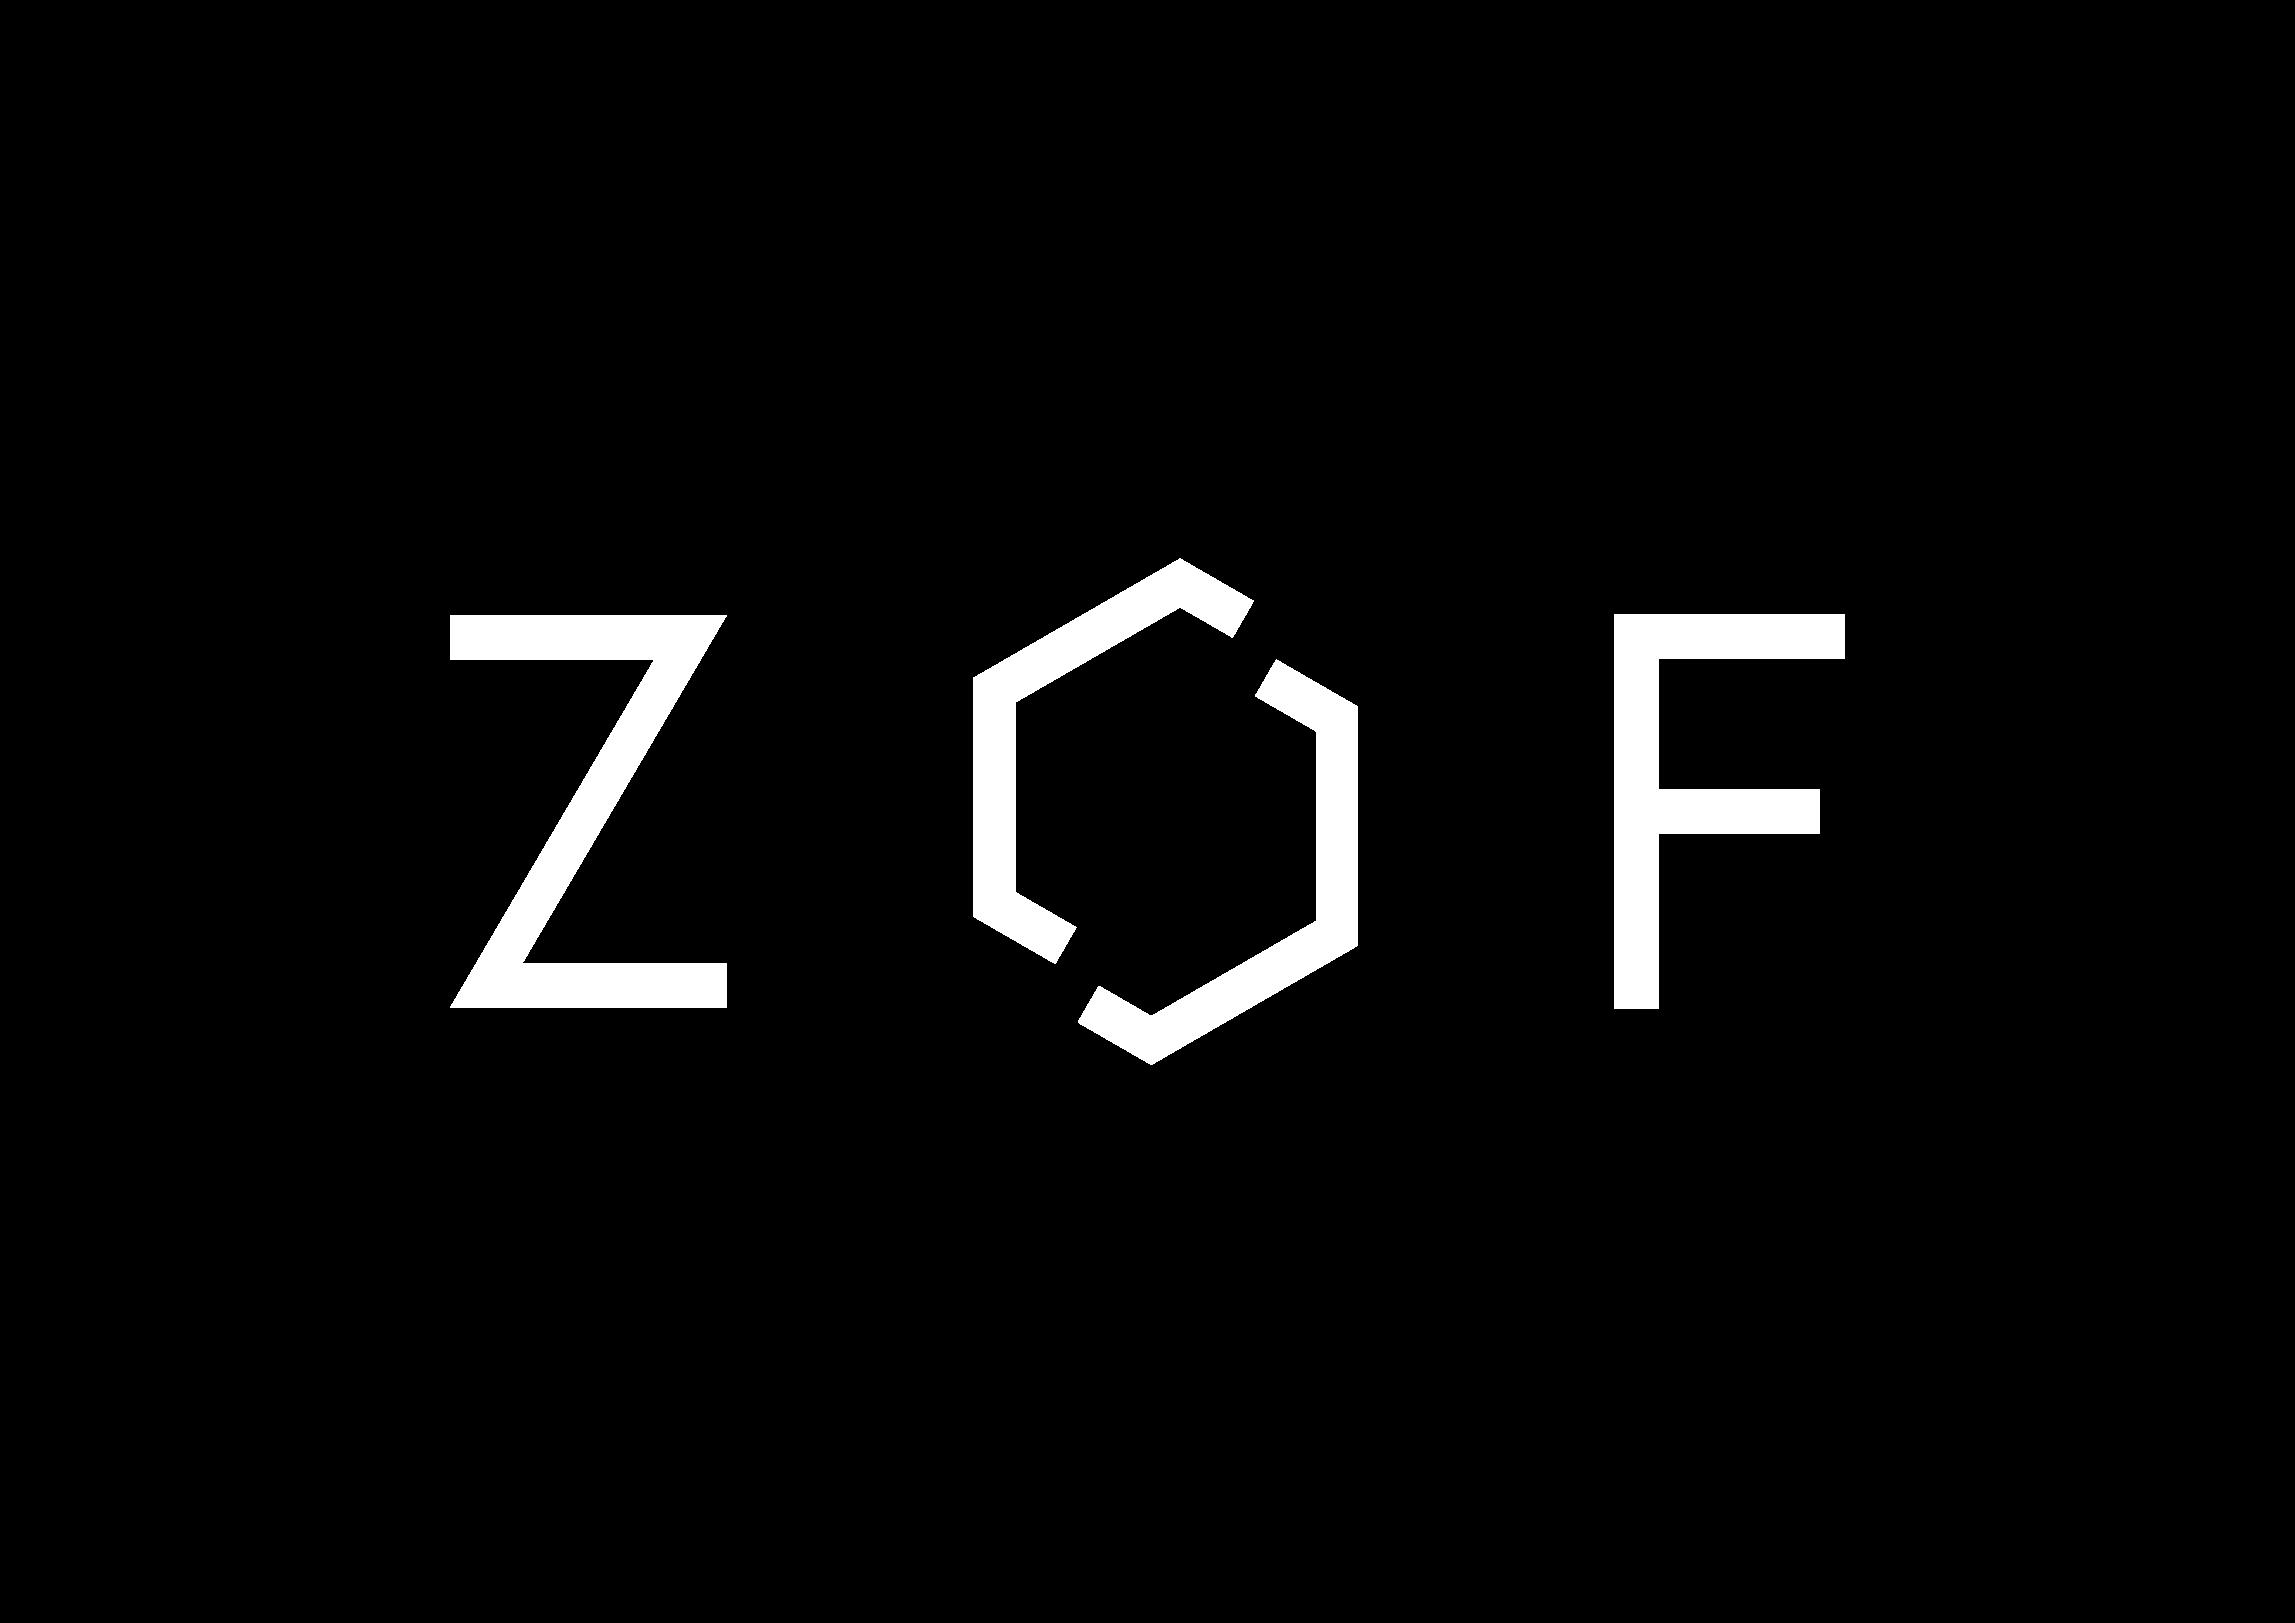 zof.com.pt